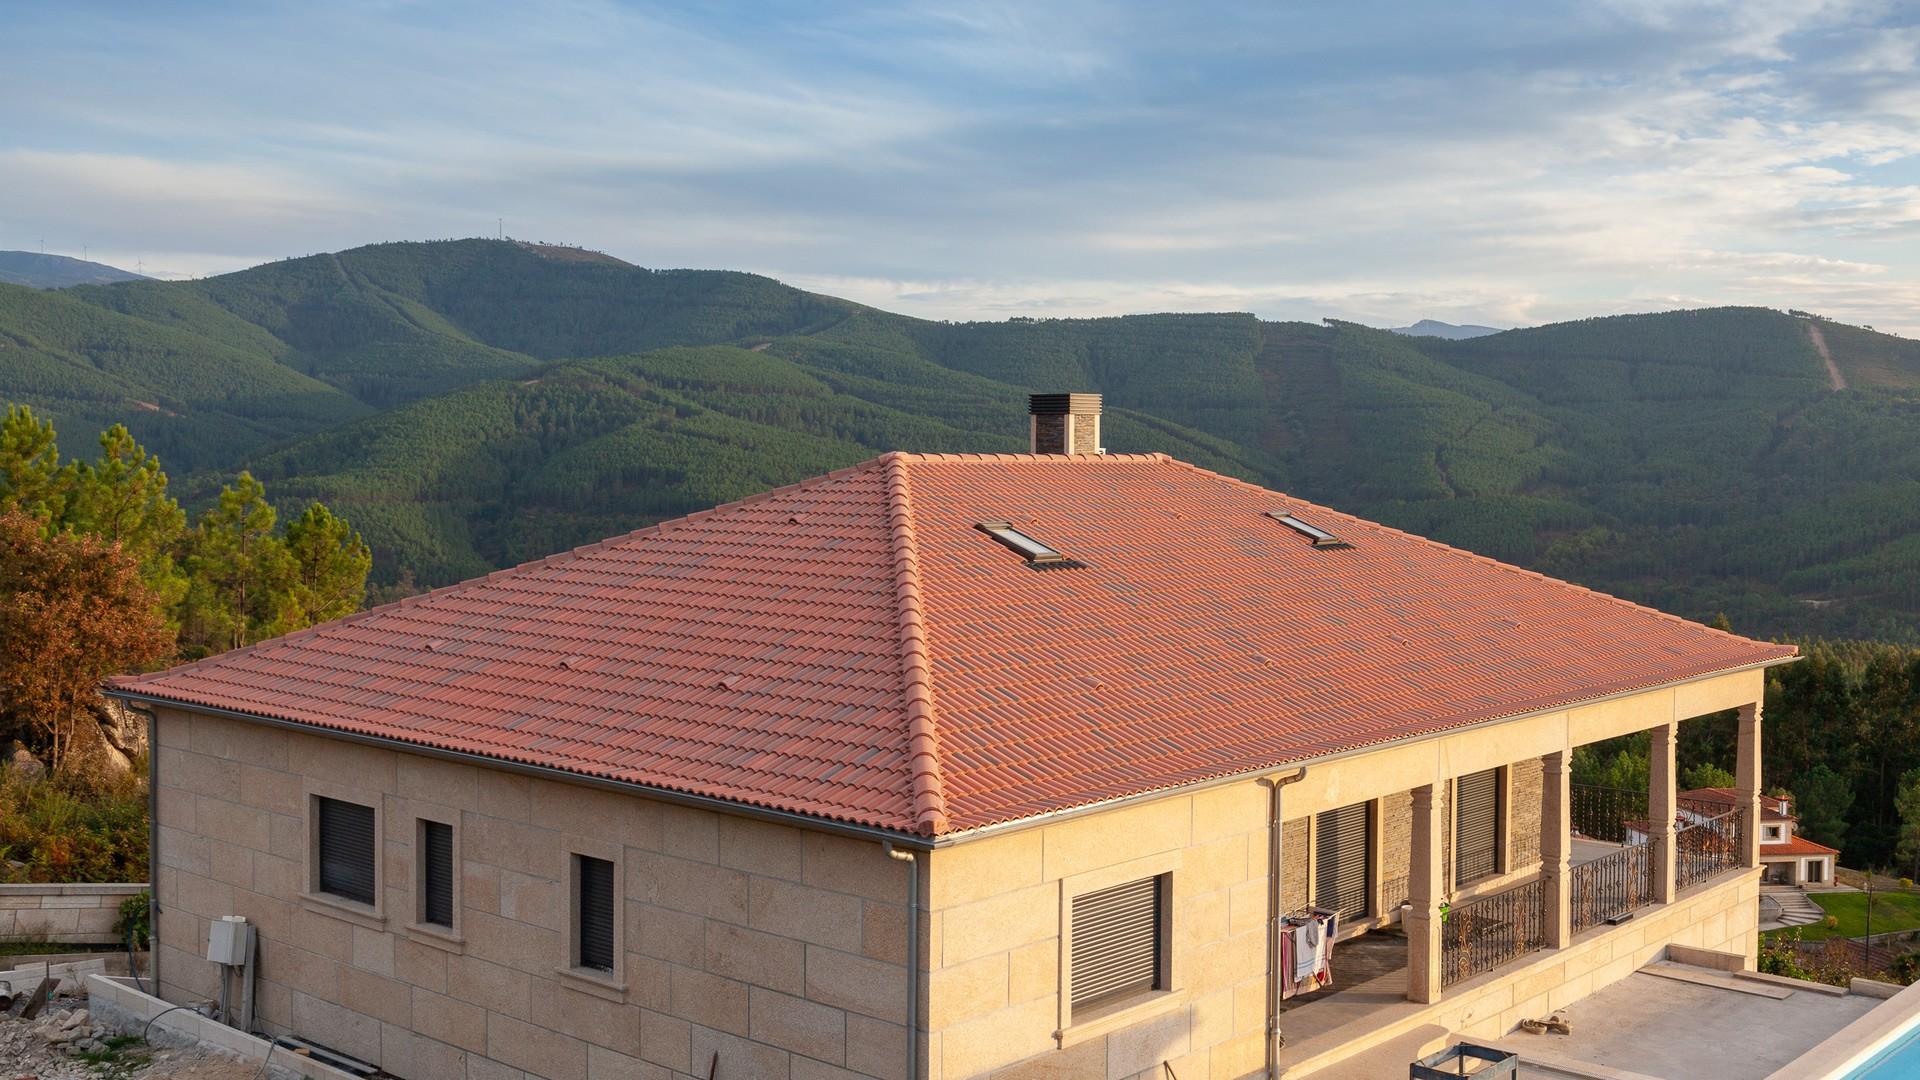 A Argibetão fabrica telhas de cimento